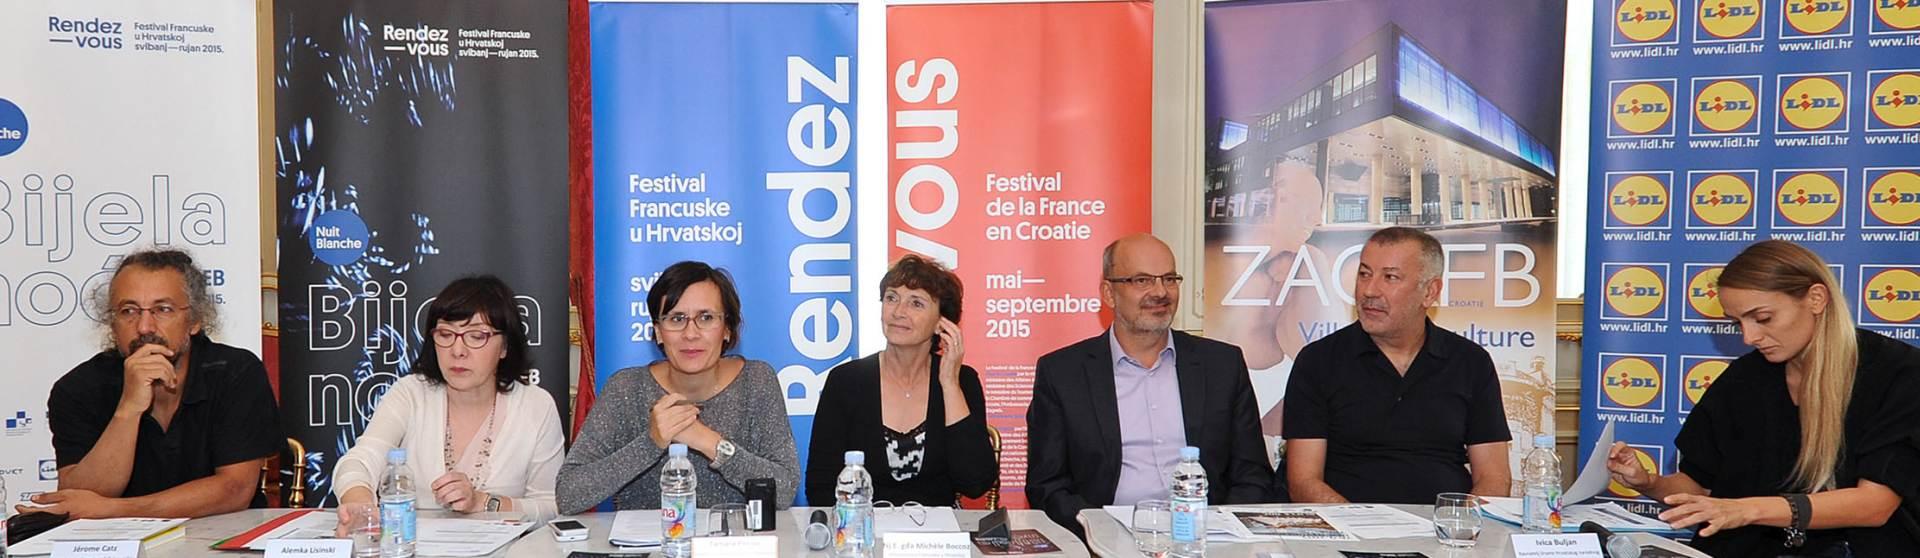 BIJELA NOĆ: Noćni obilazak Zagreba u ritmu umjetnosti